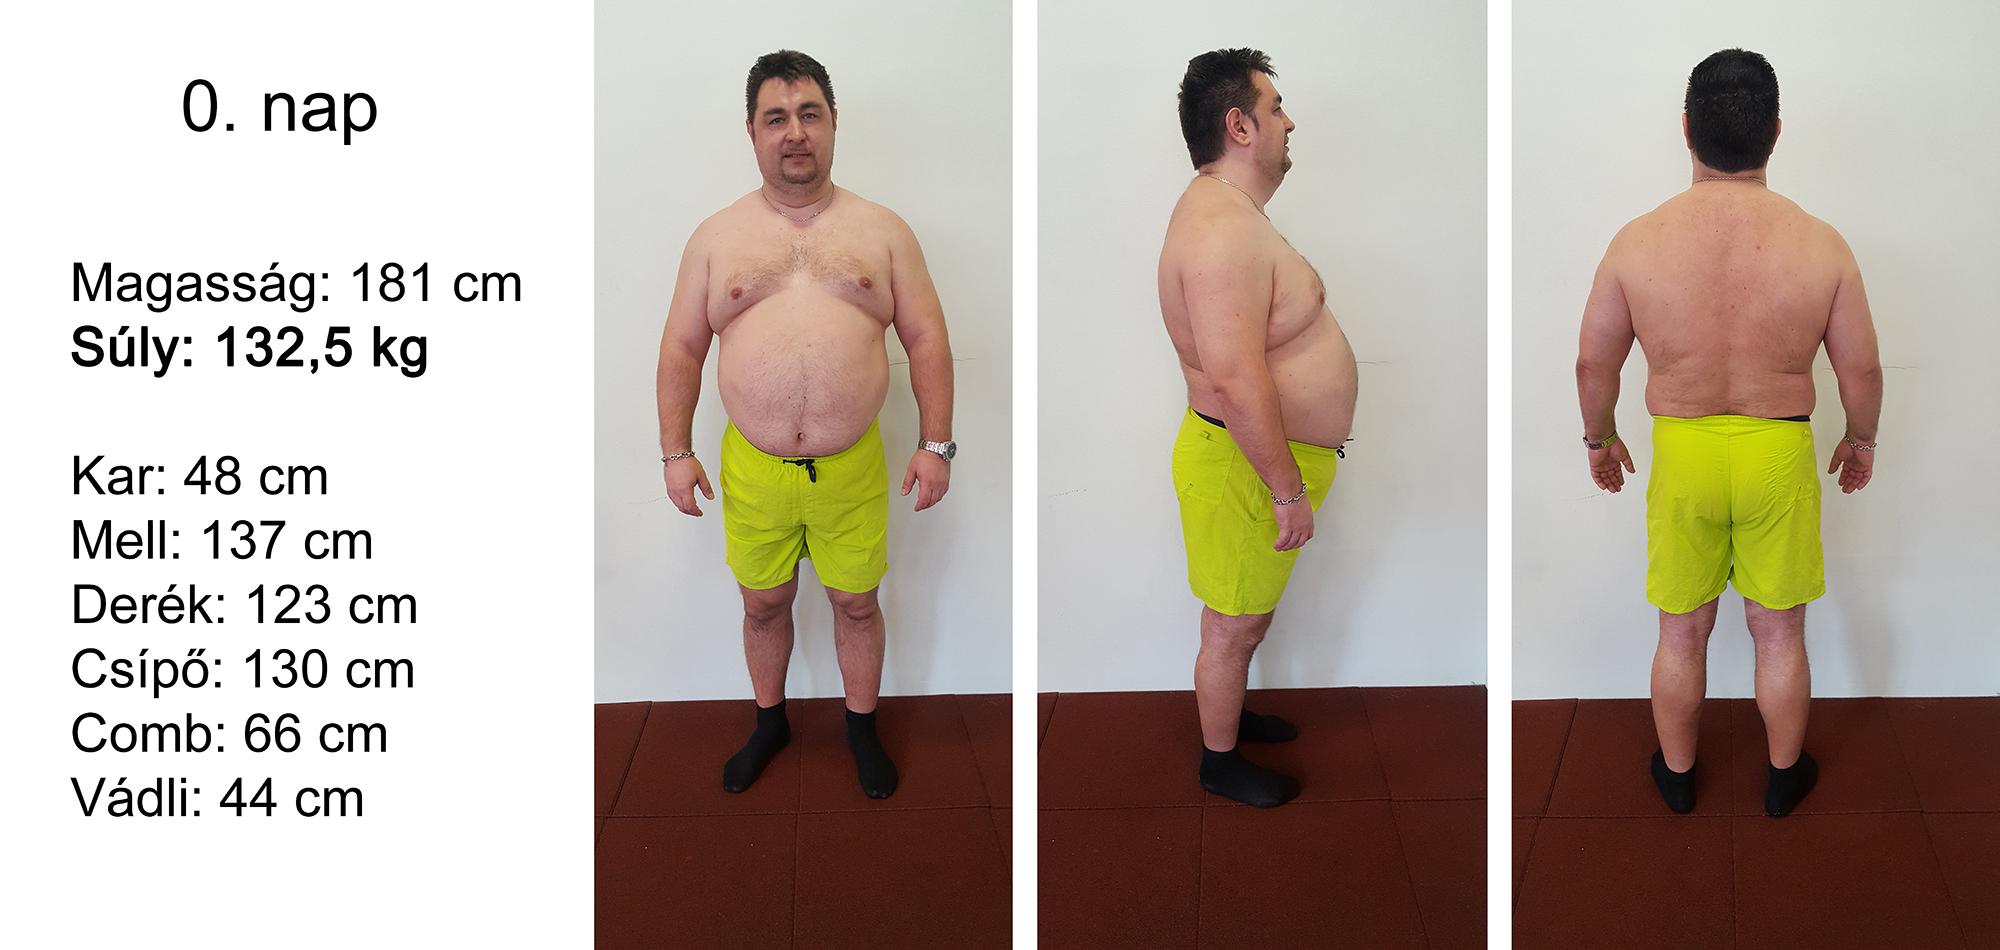 36 kg súlycsökkenés a zsírvesztés miatt átugorva